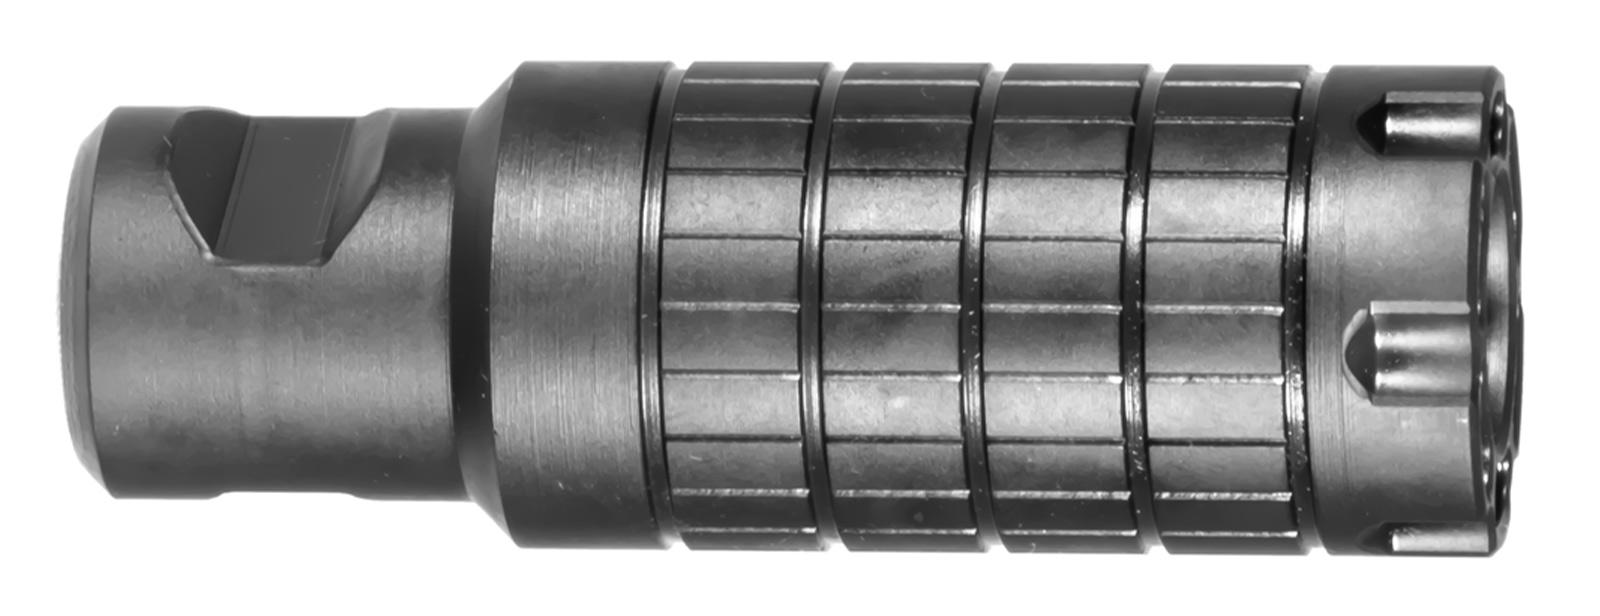 ar15-linear-compensator-762-300aac-gen-2